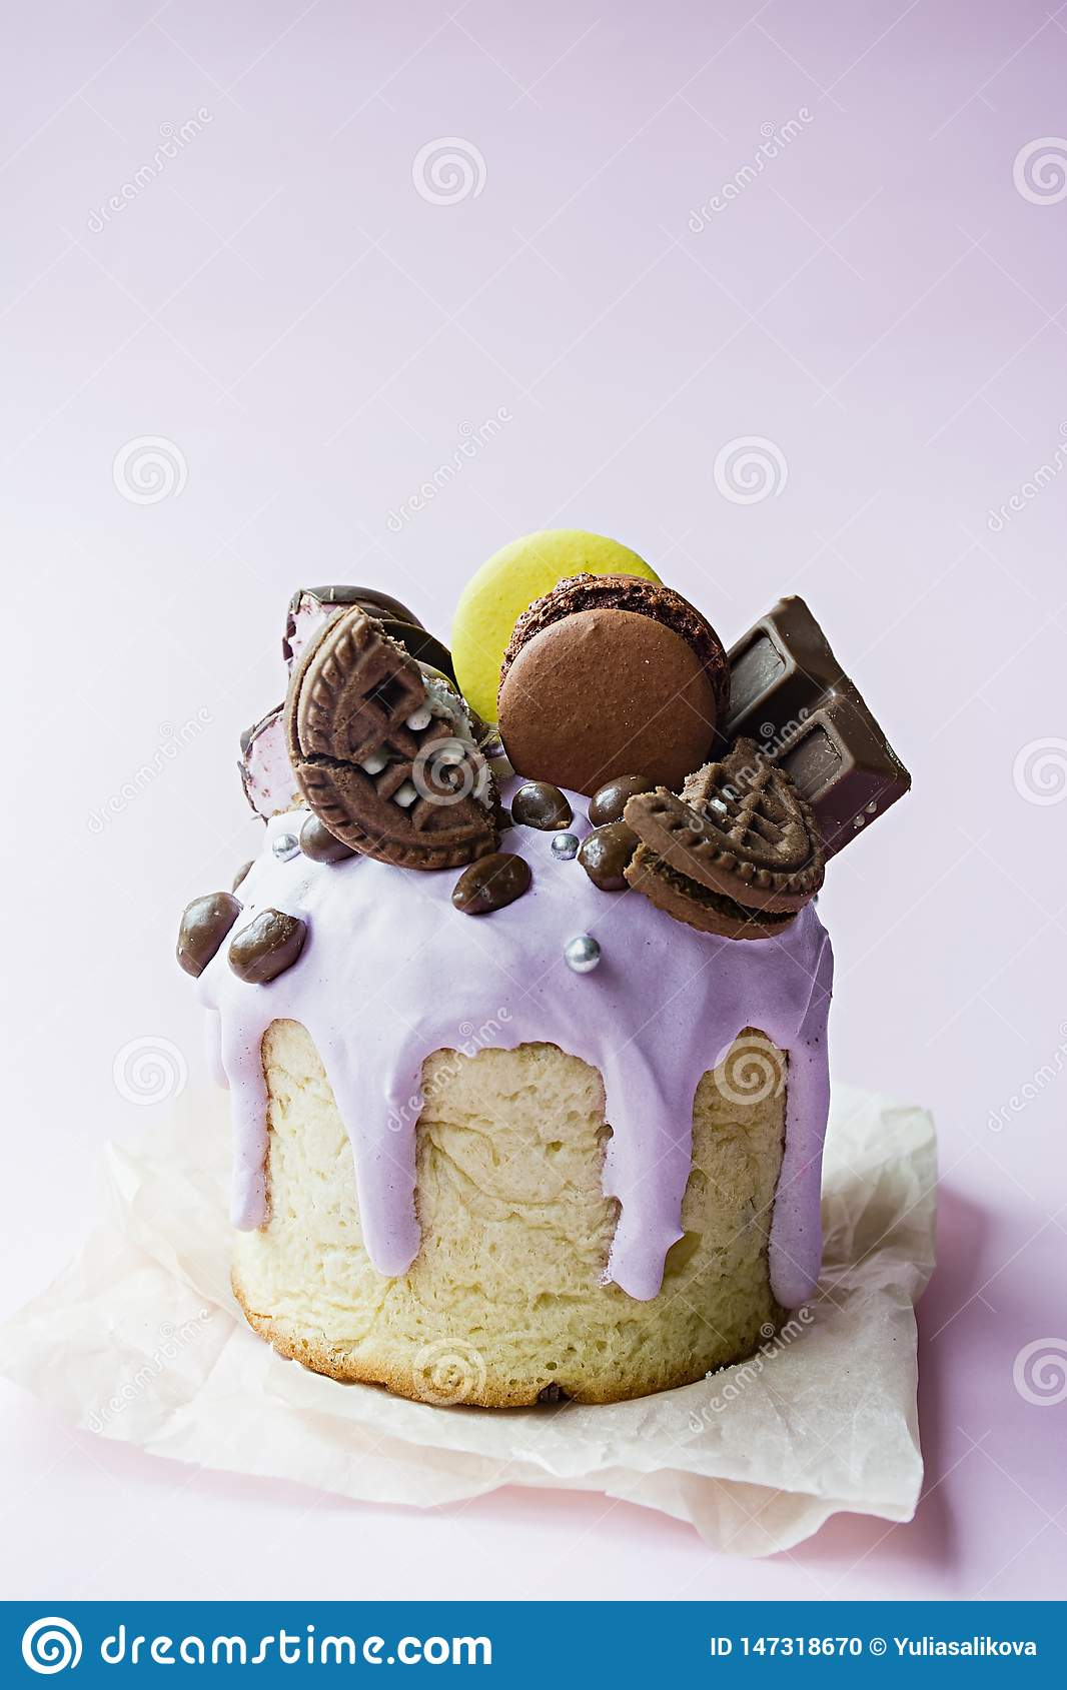 复活节,复活节蛋糕,配有巧克力和马卡龙 传统库利希,复活节面包 春假